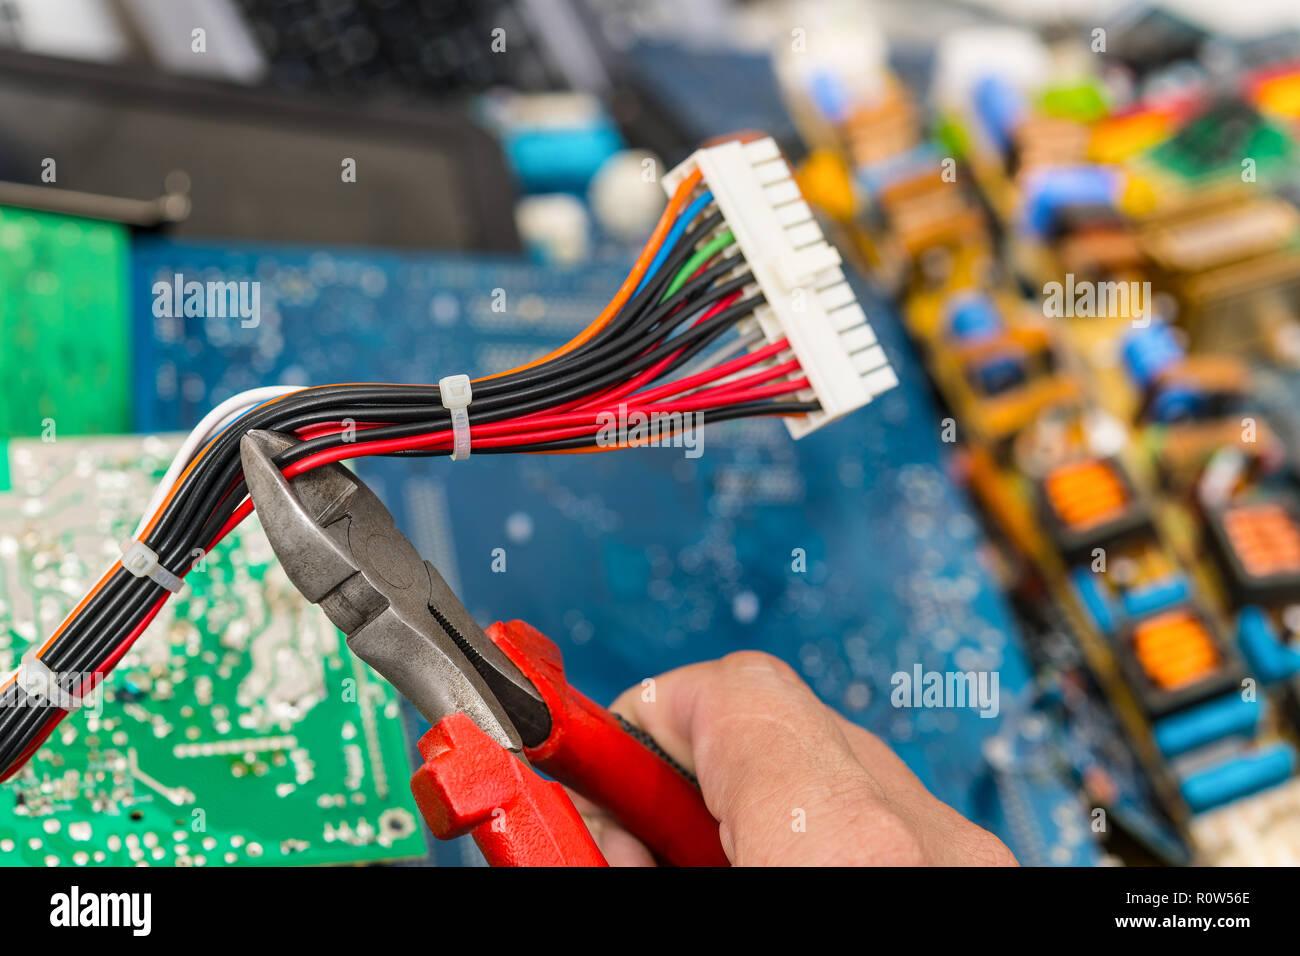 Élimination des déchets électroniques par une pince dans la main du travailleur. Connecteur, câble d'alimentation, carte mère d'ordinateur. Circuits imprimés colorés pile. PC démonté les pièces. Photo Stock